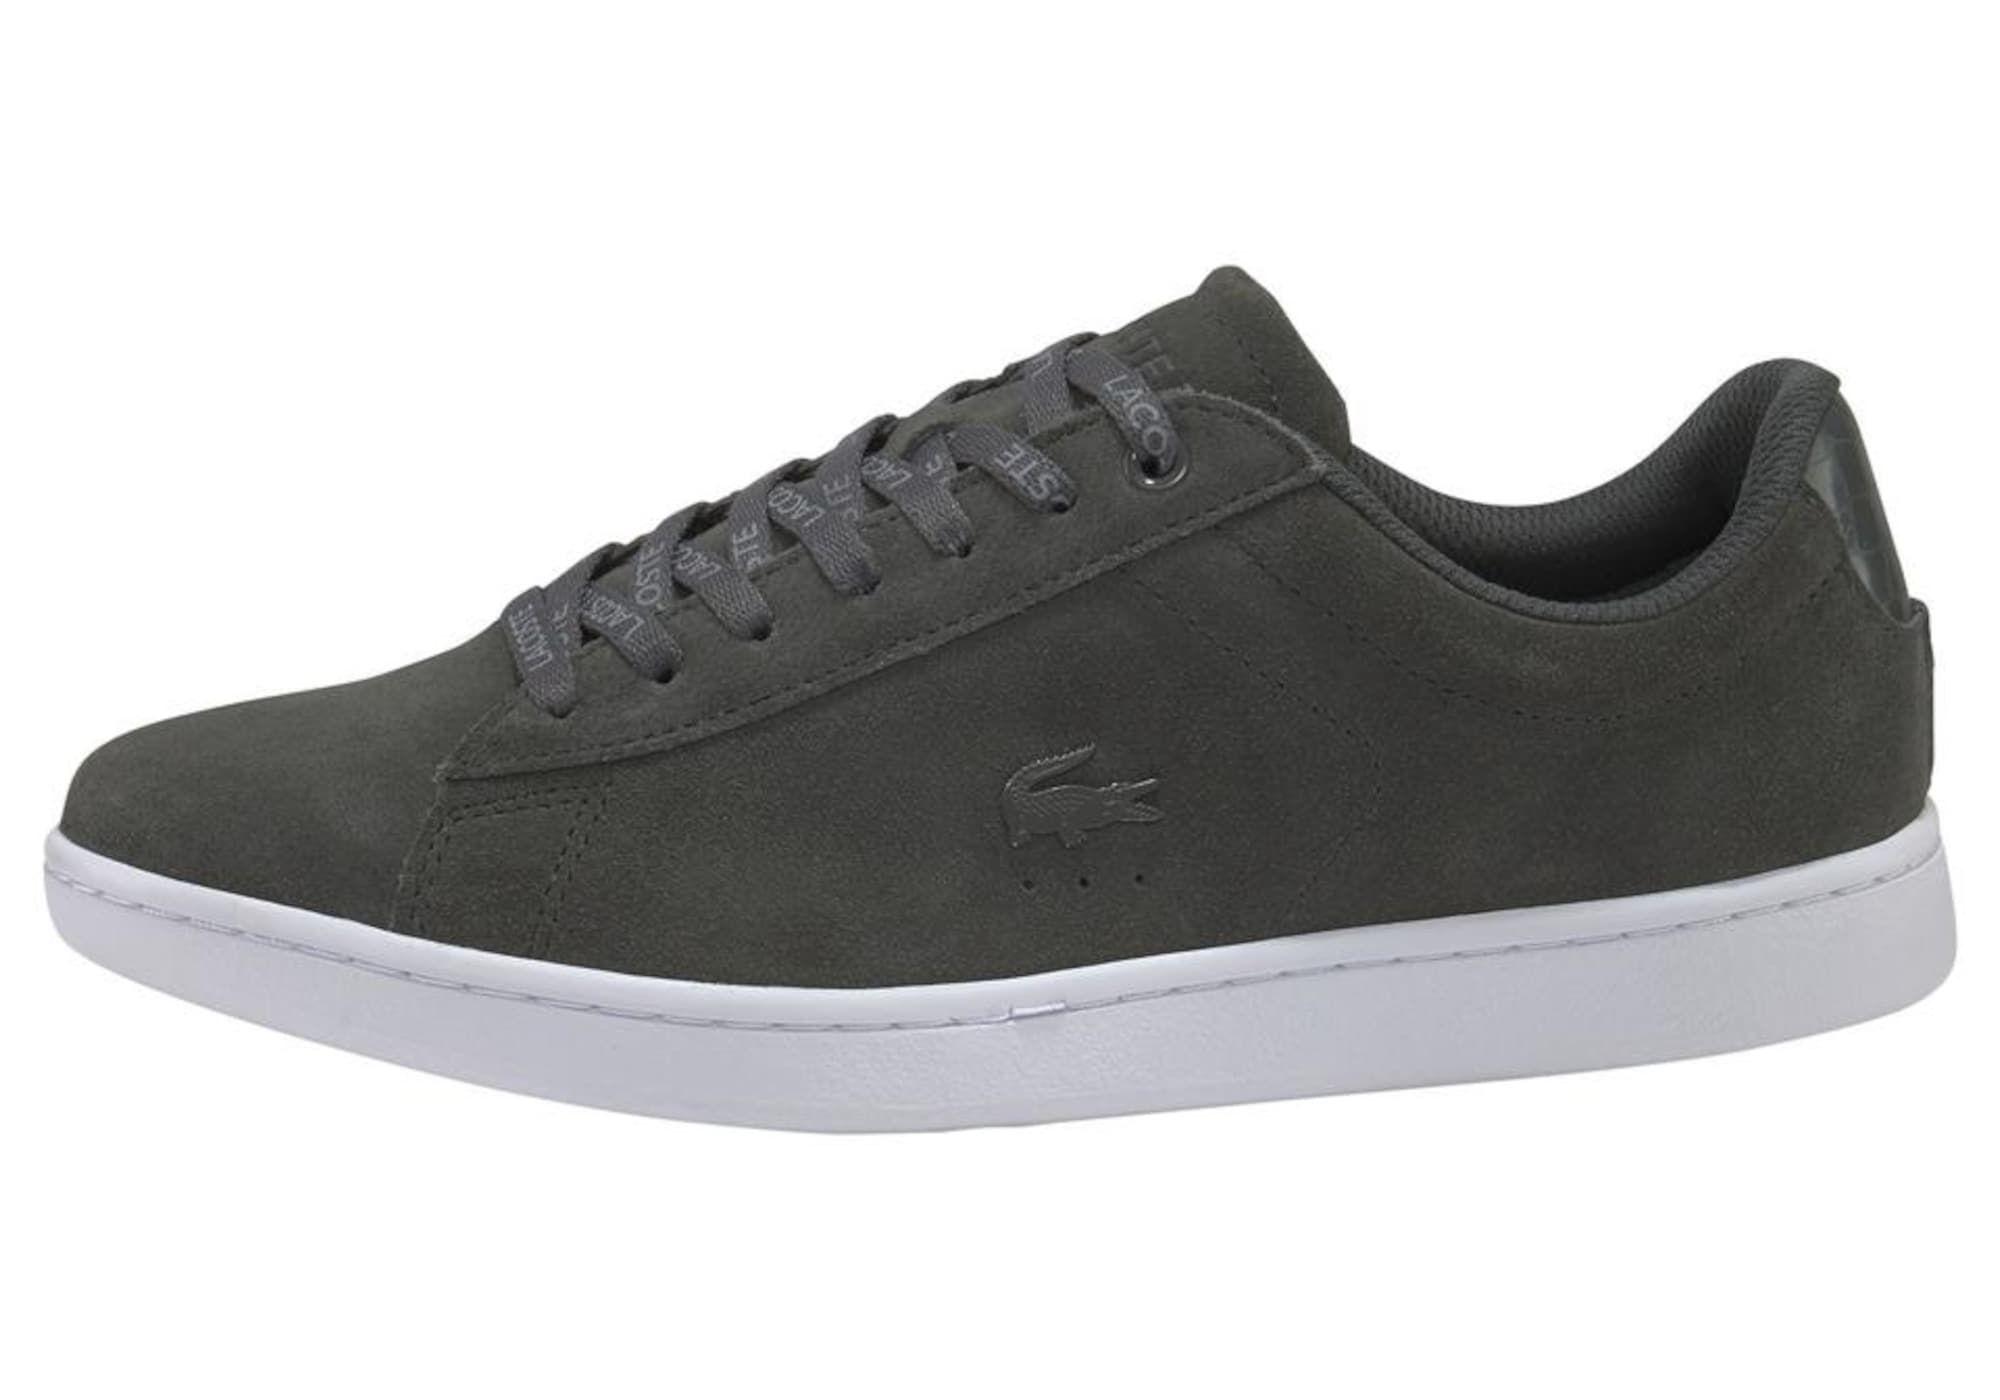 Lacoste Sneaker Carnaby Evo 318 2 Qsp Herren Dunkelgrau Grosse 37 5 Mit Bildern Turnschuhe Lacoste Sneaker